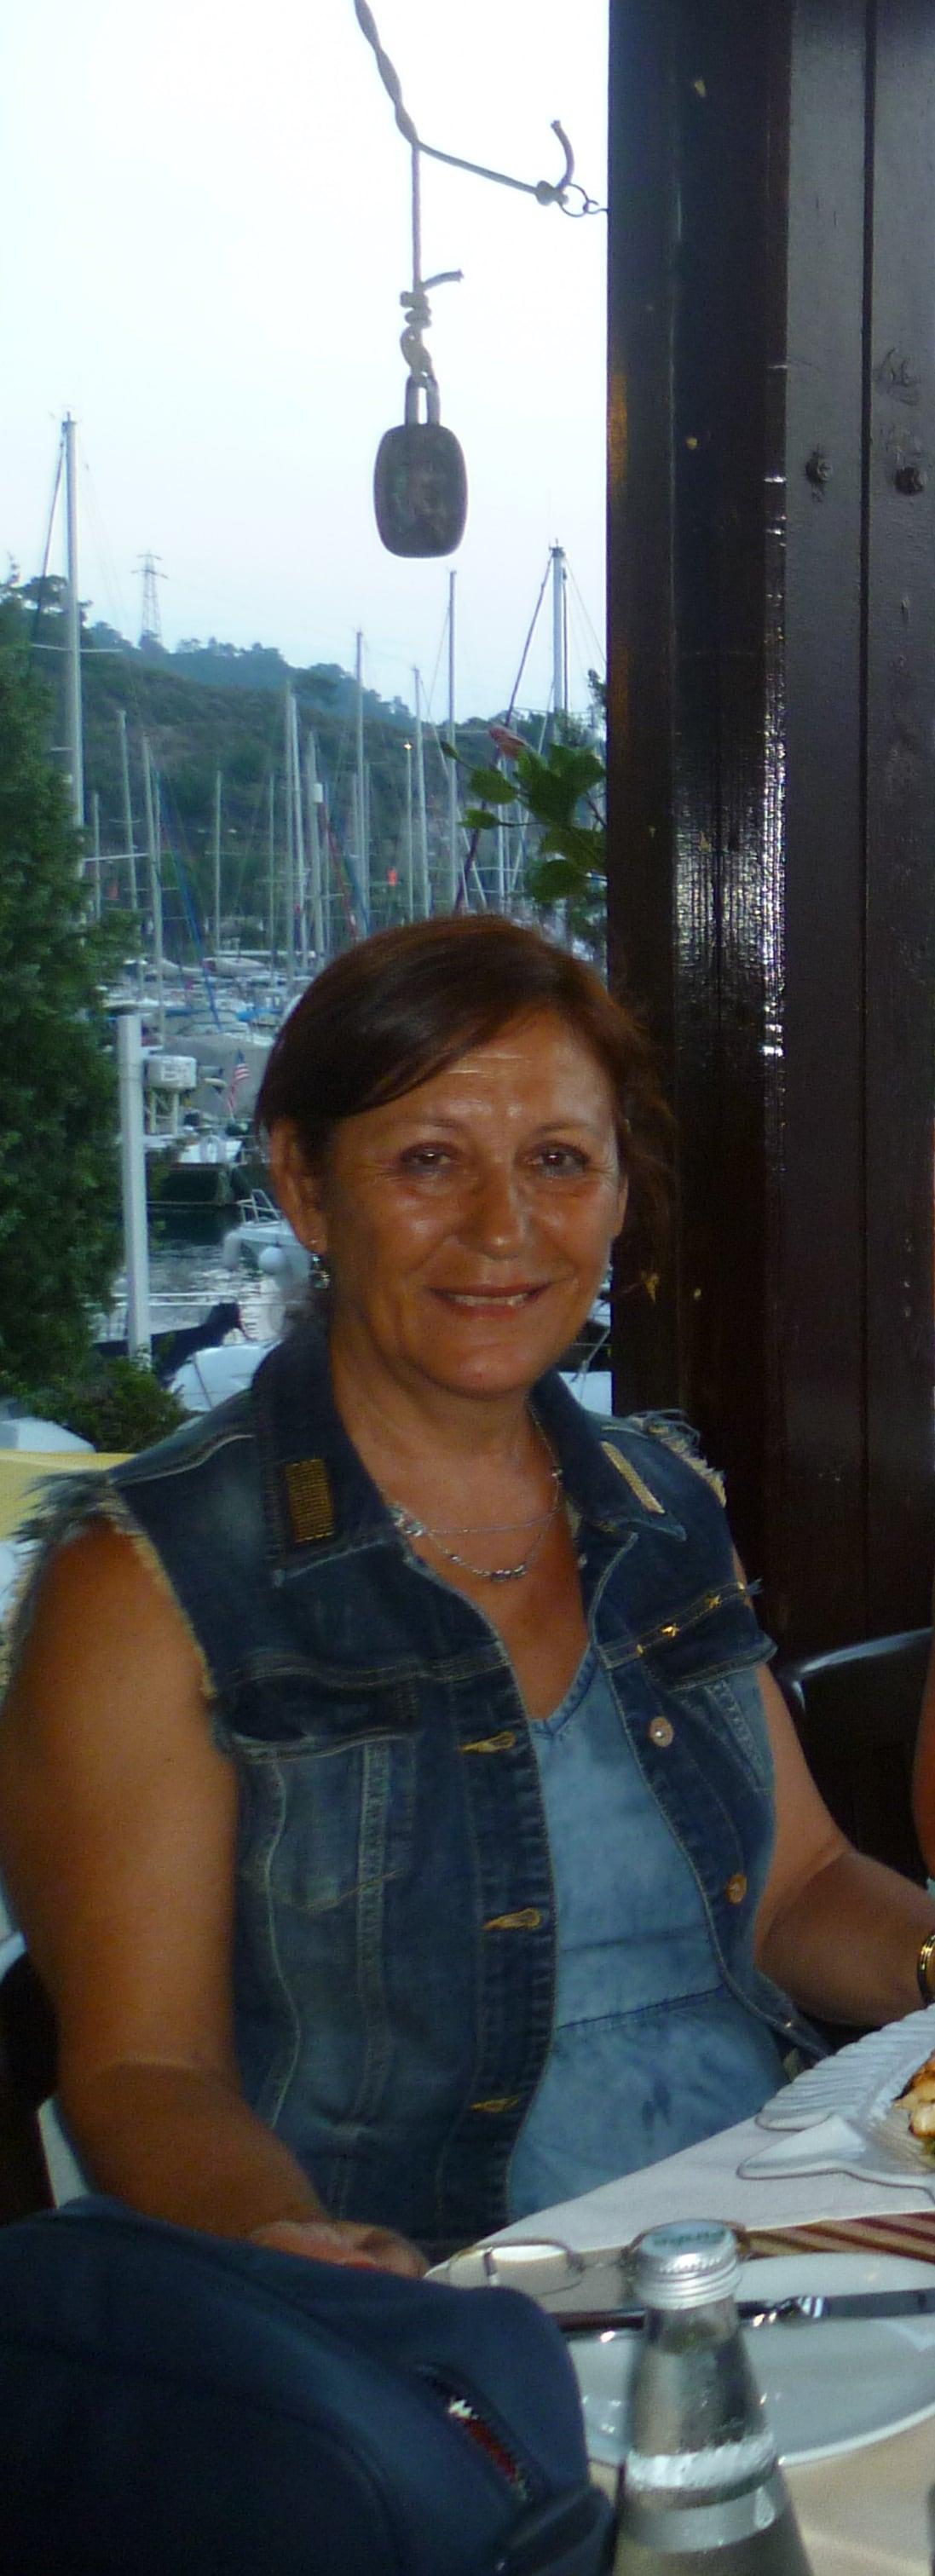 Oya From Marmaris, Turkey